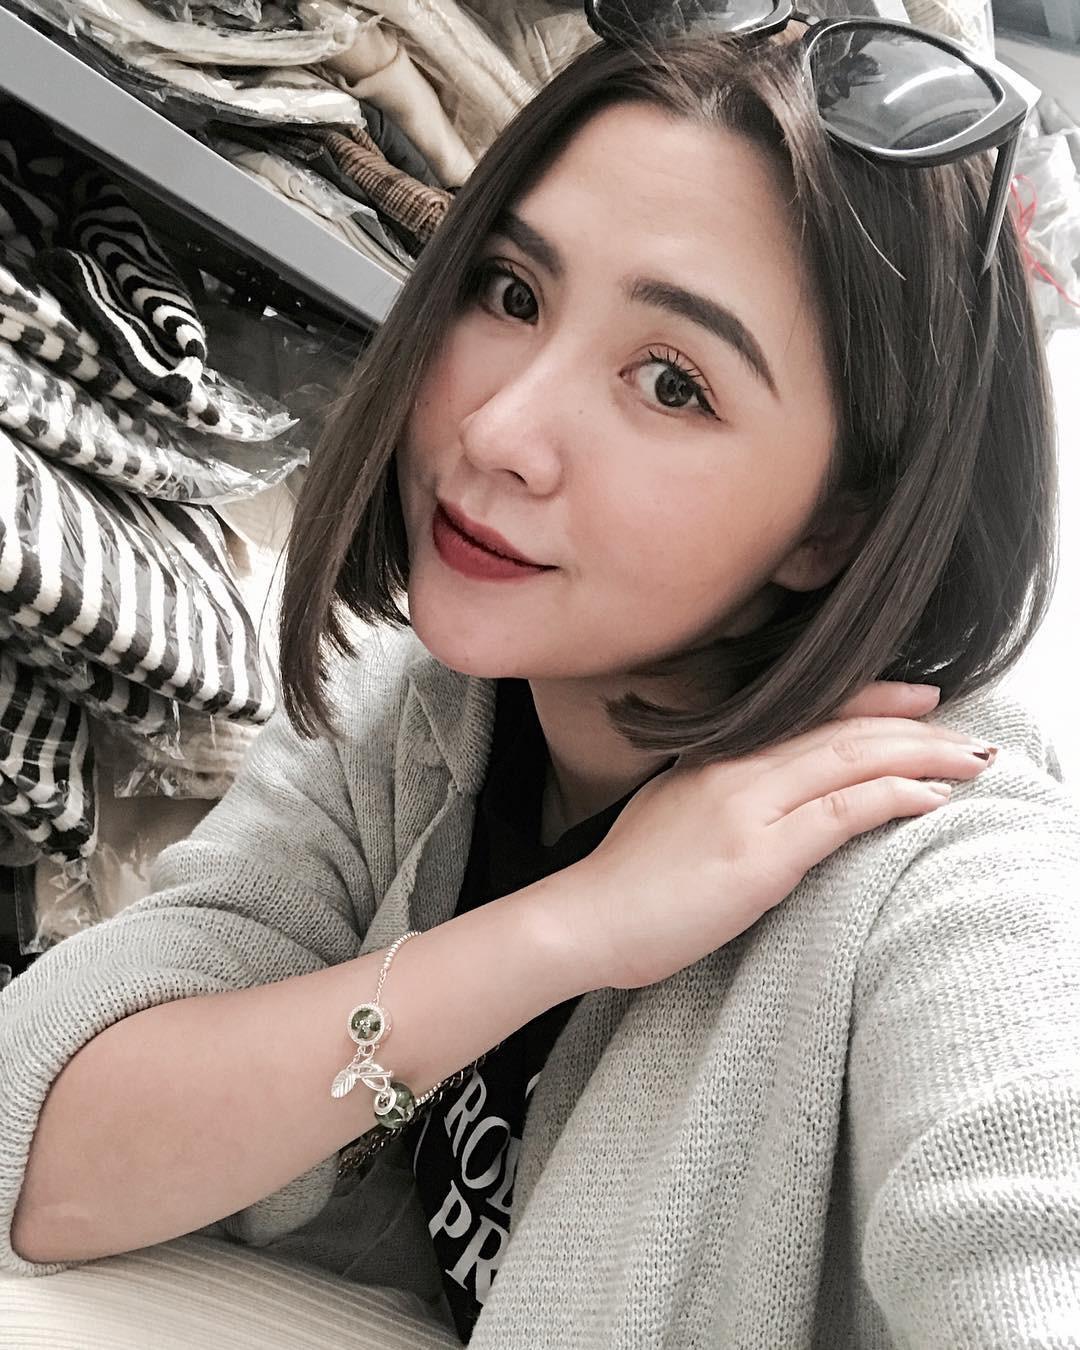 Bạn đã biết 4 cách đánh son siêu xinh đang được các hot girl Việt tích cực diện mùa xuân này chưa? - Ảnh 8.